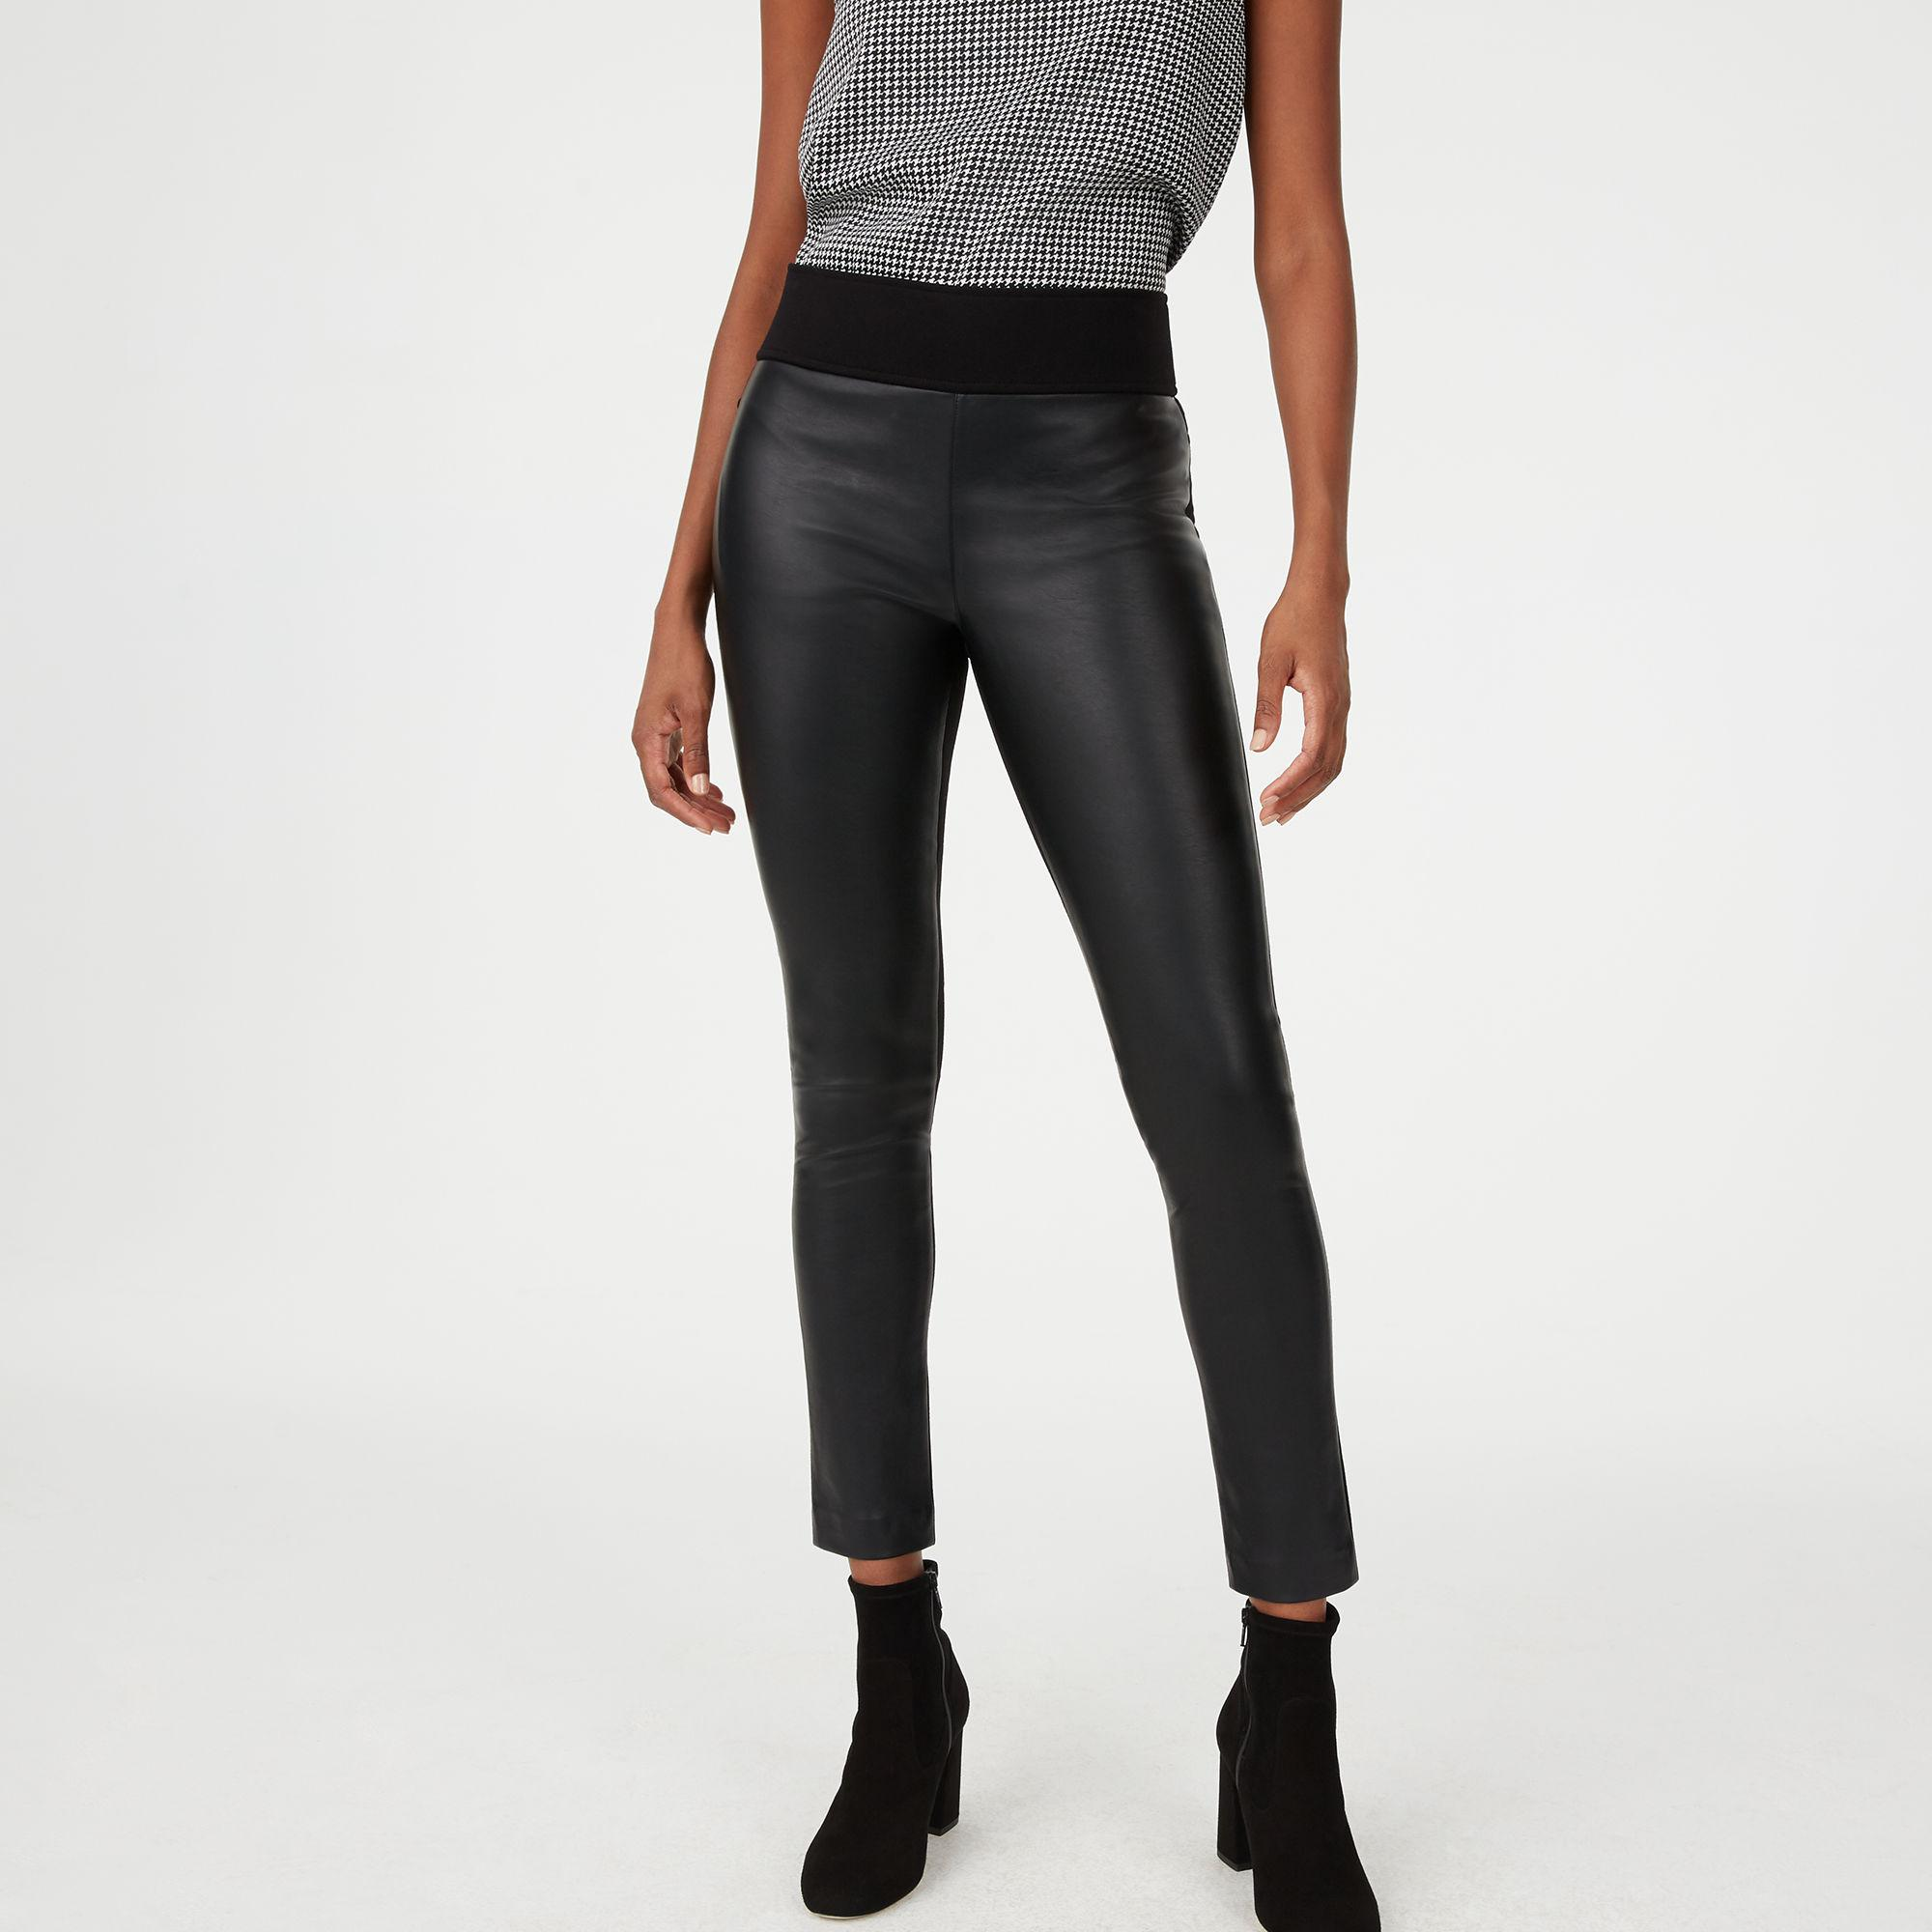 58fbd86b88836 Club Monaco Tasha Faux Leather Legging in Black - Lyst